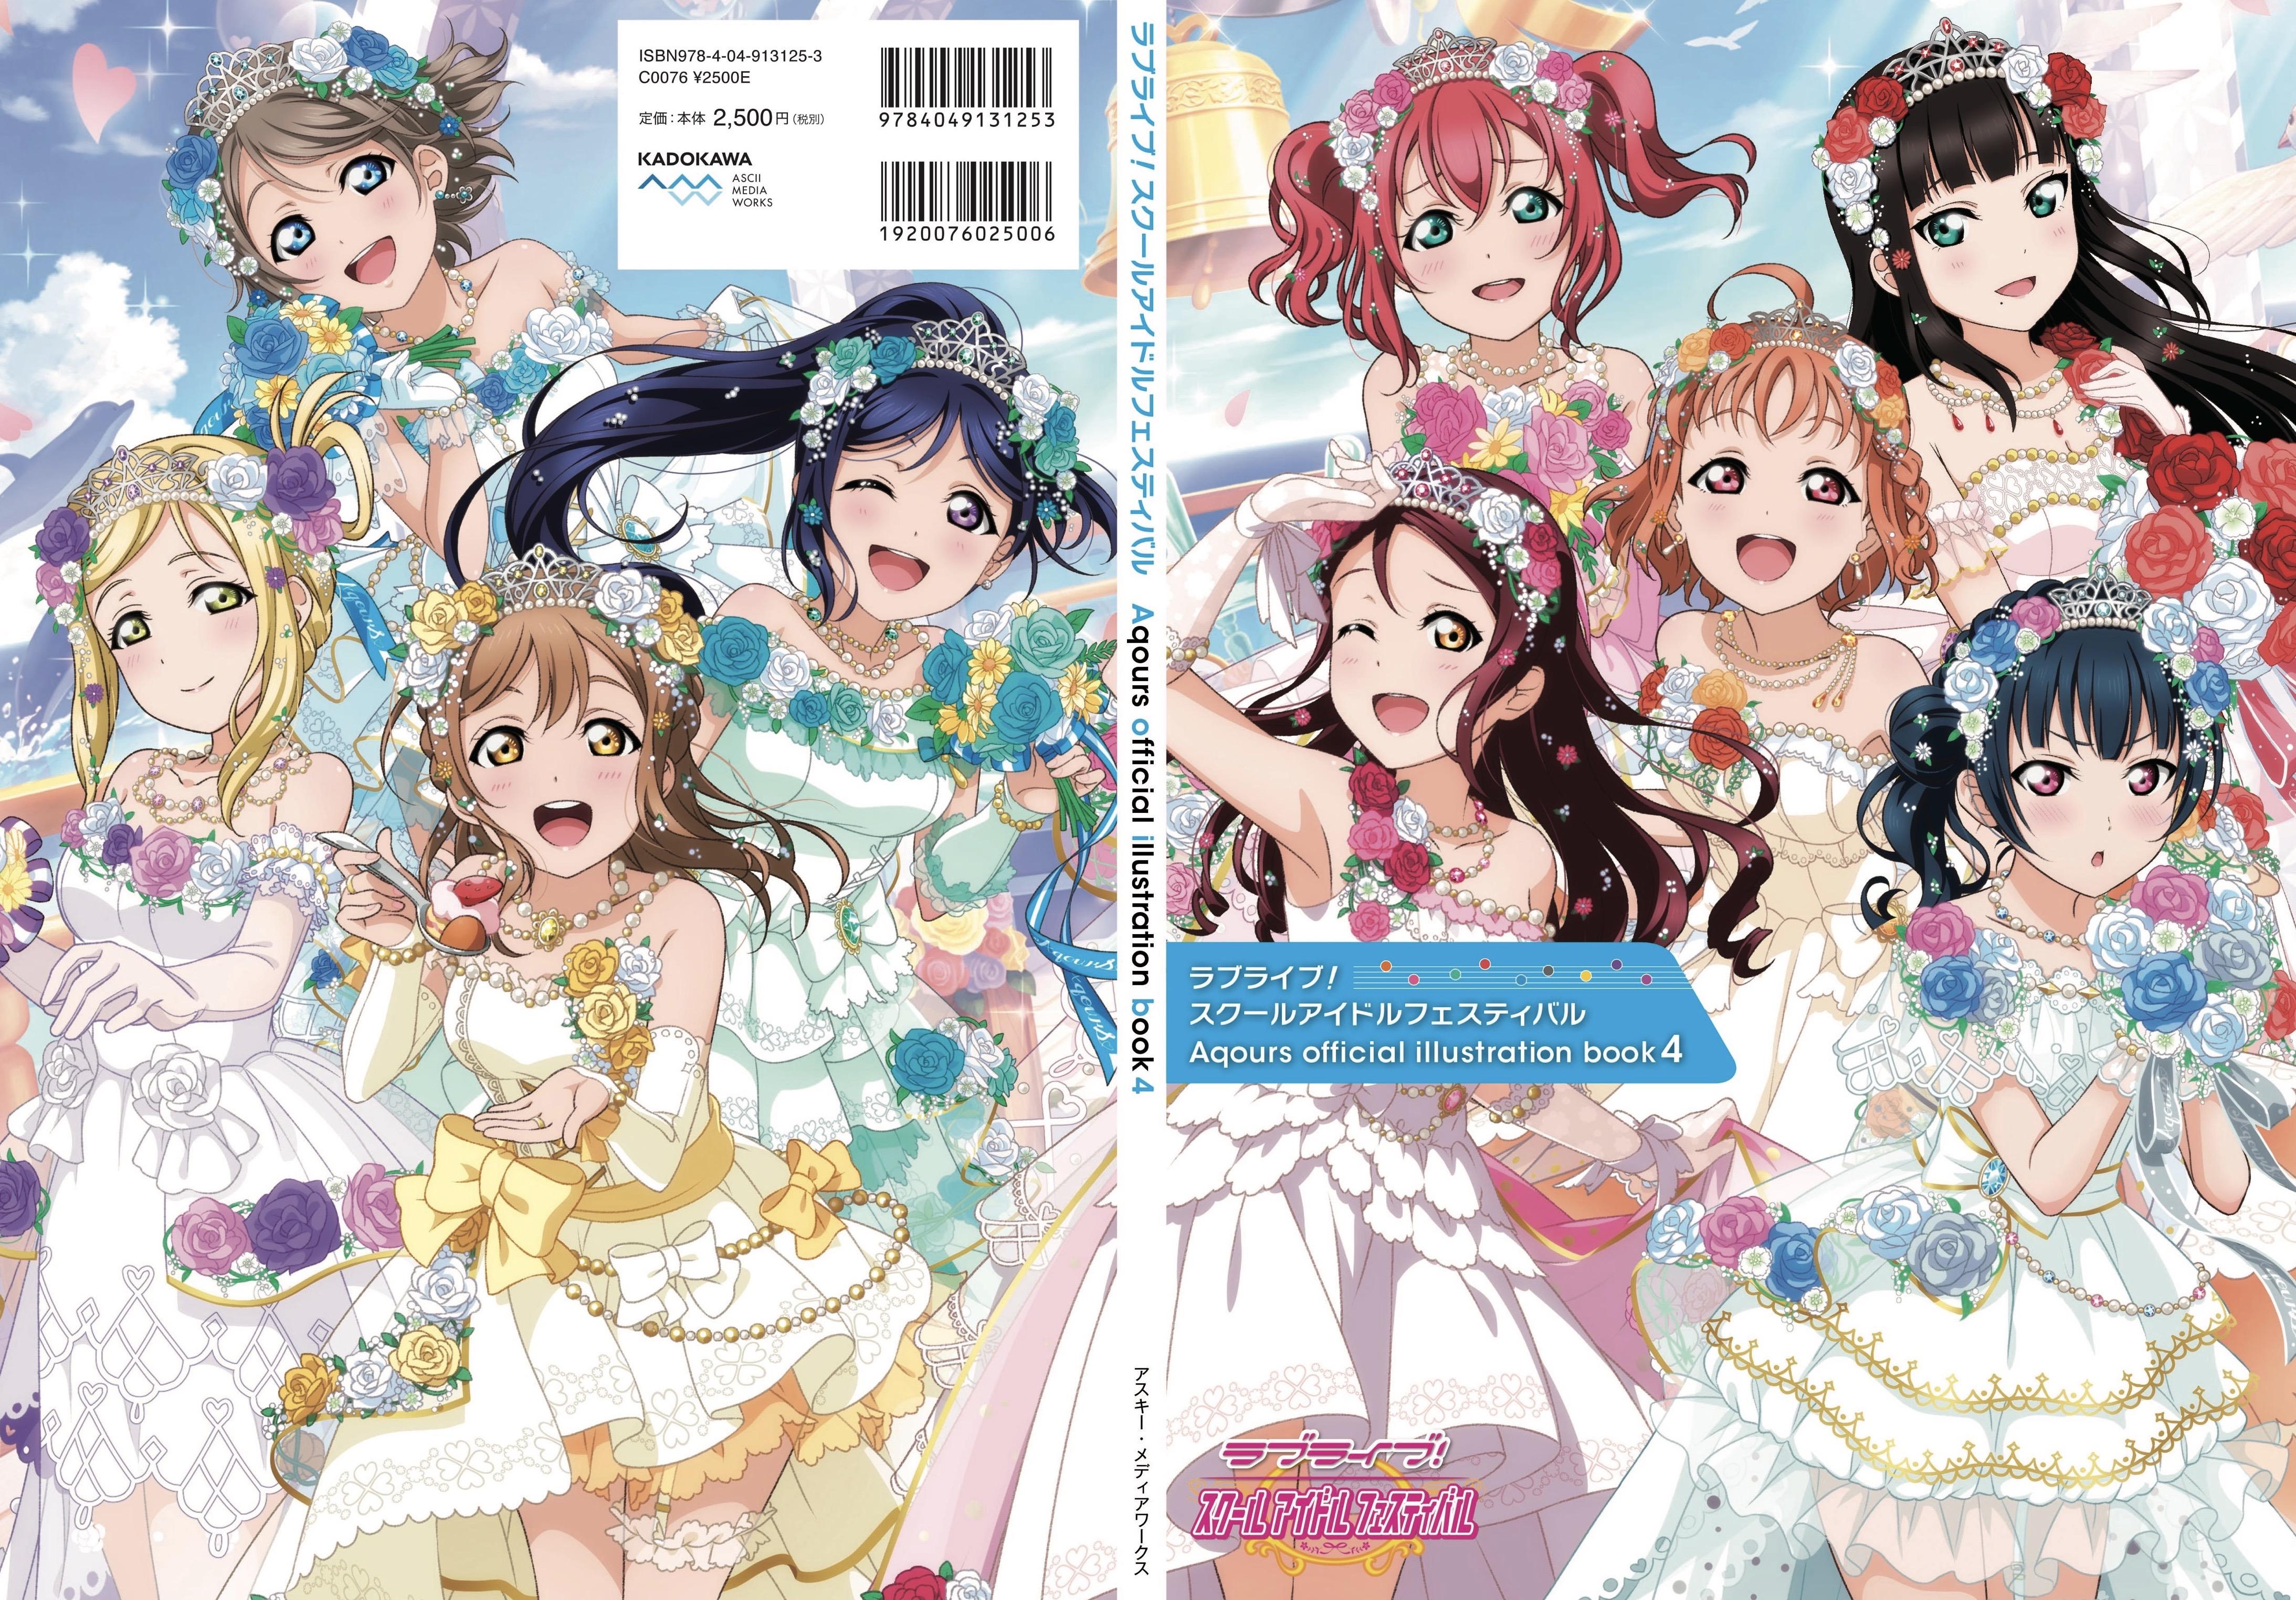 ラブライブ!スクールアイドルフェスティバル Aqours official illustration book4発売のお知らせ